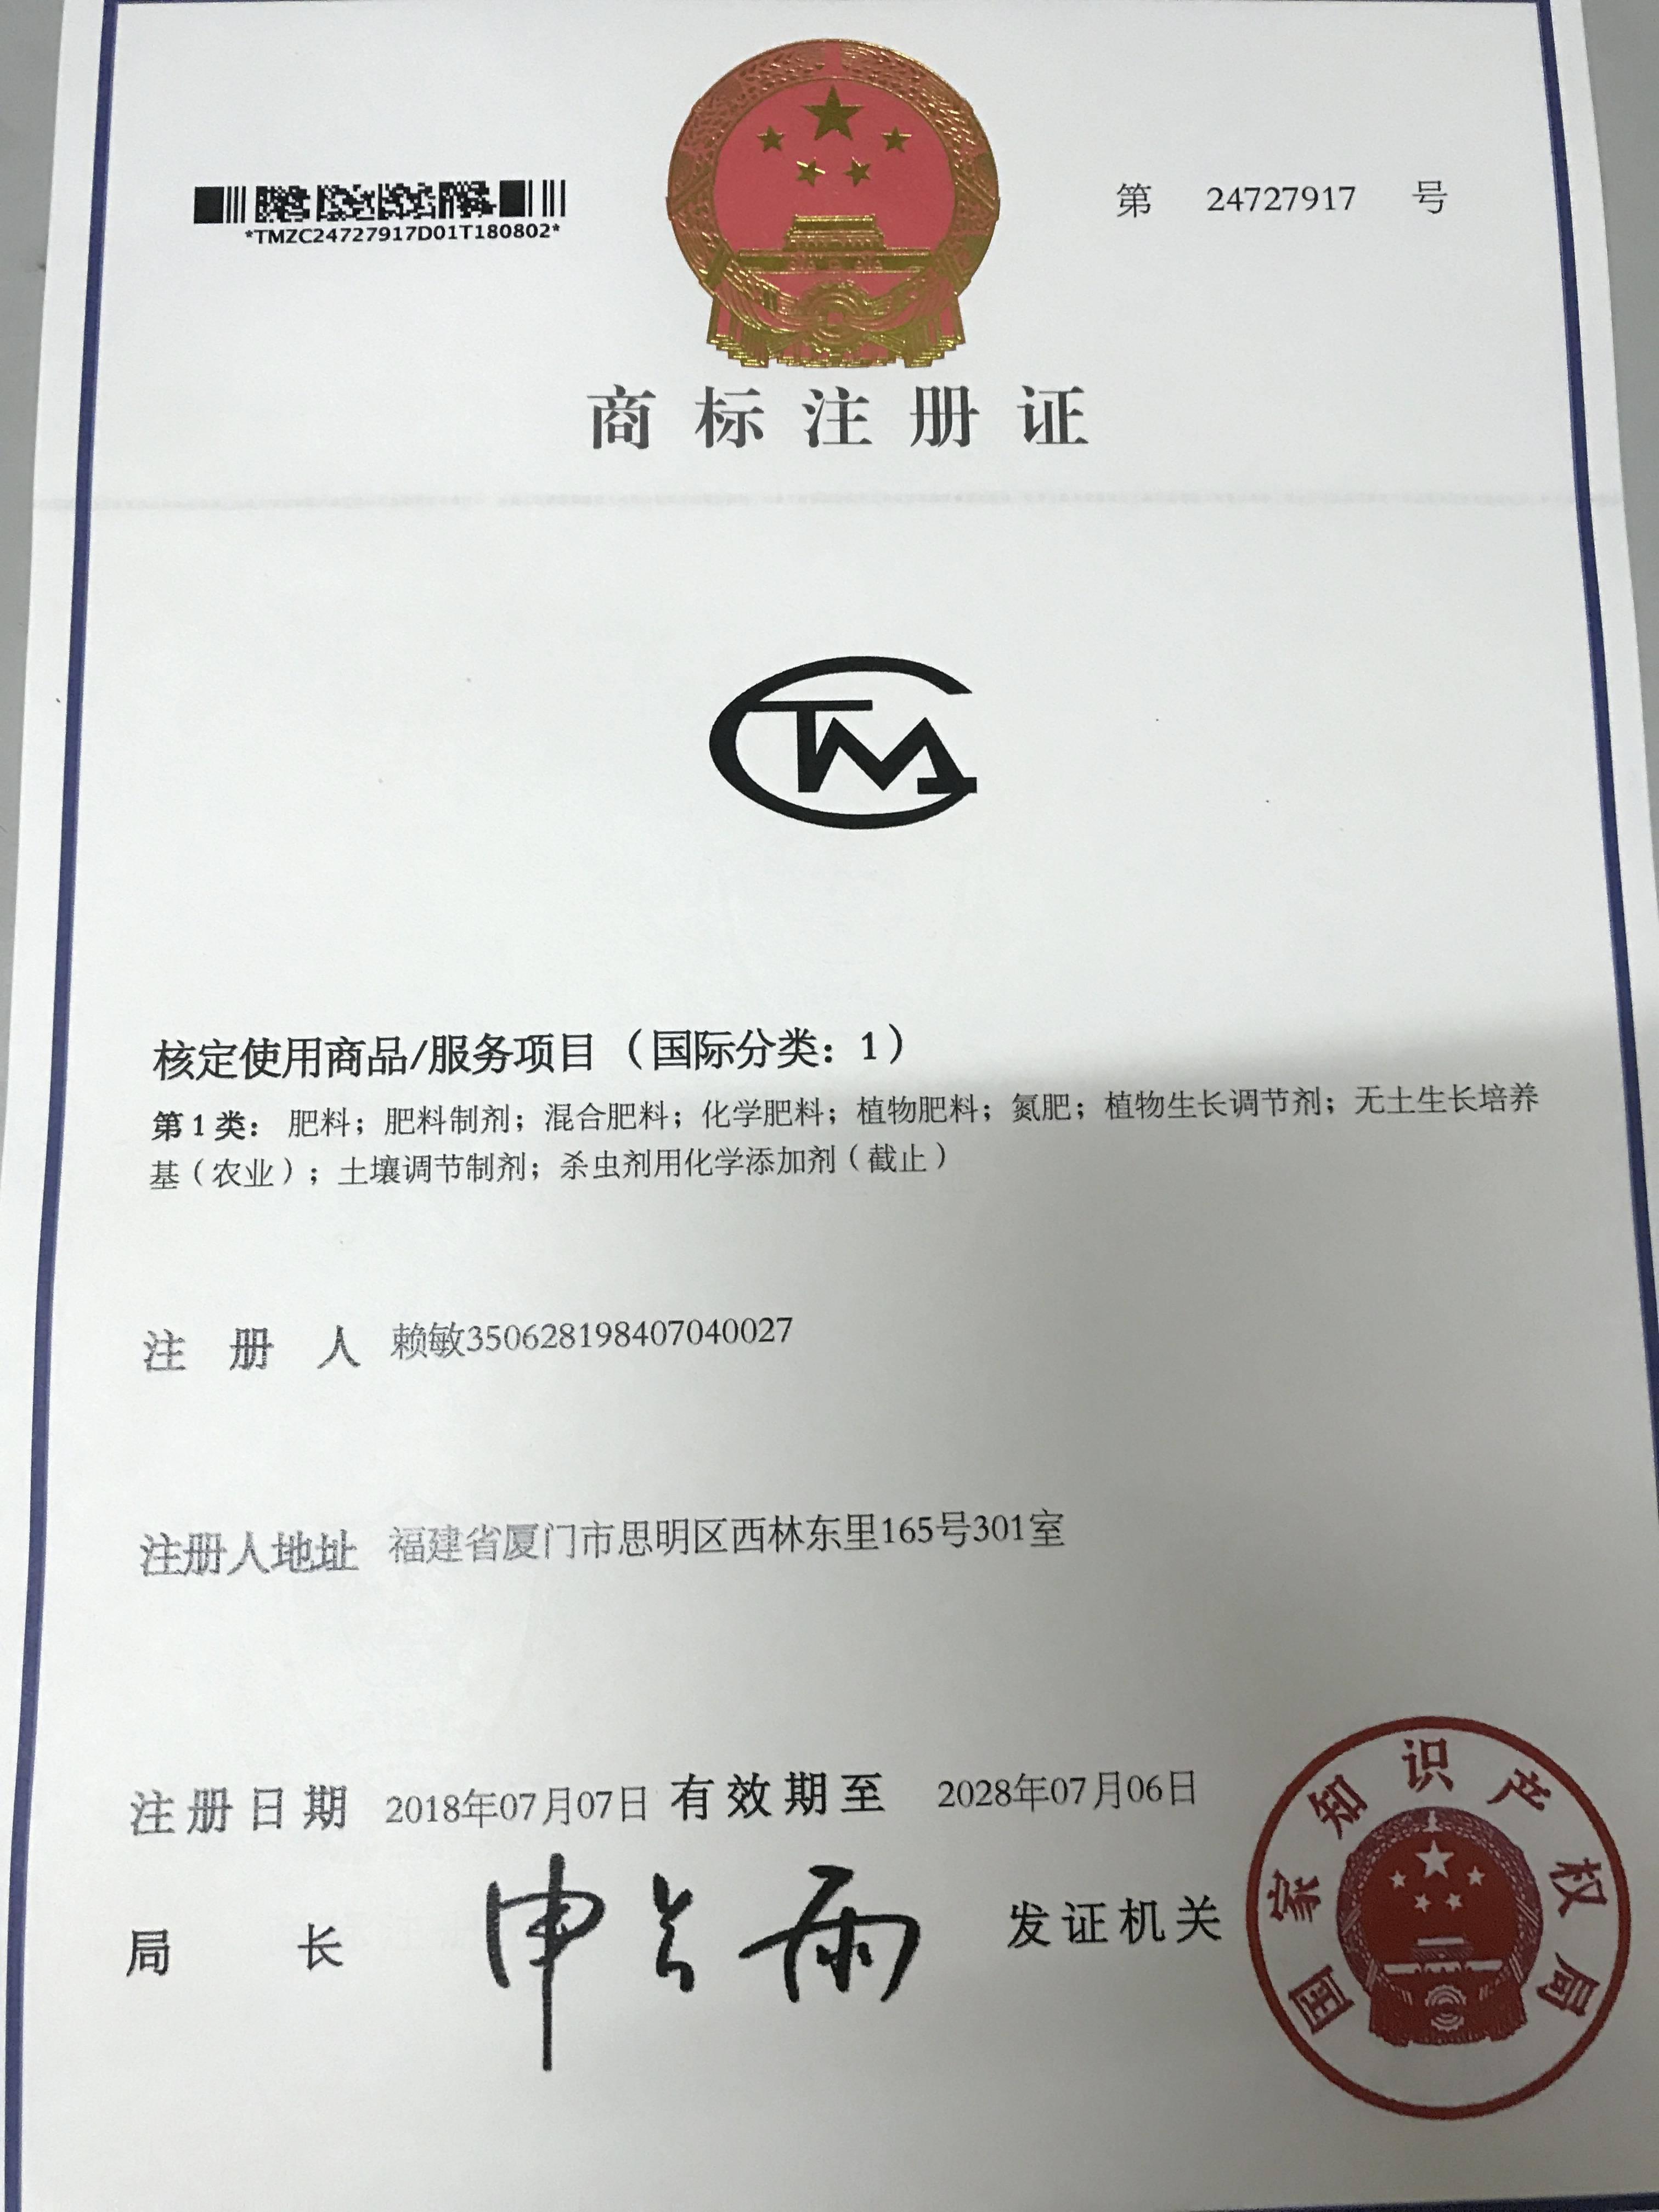 天盟农资荣获企业LOGO注册商标